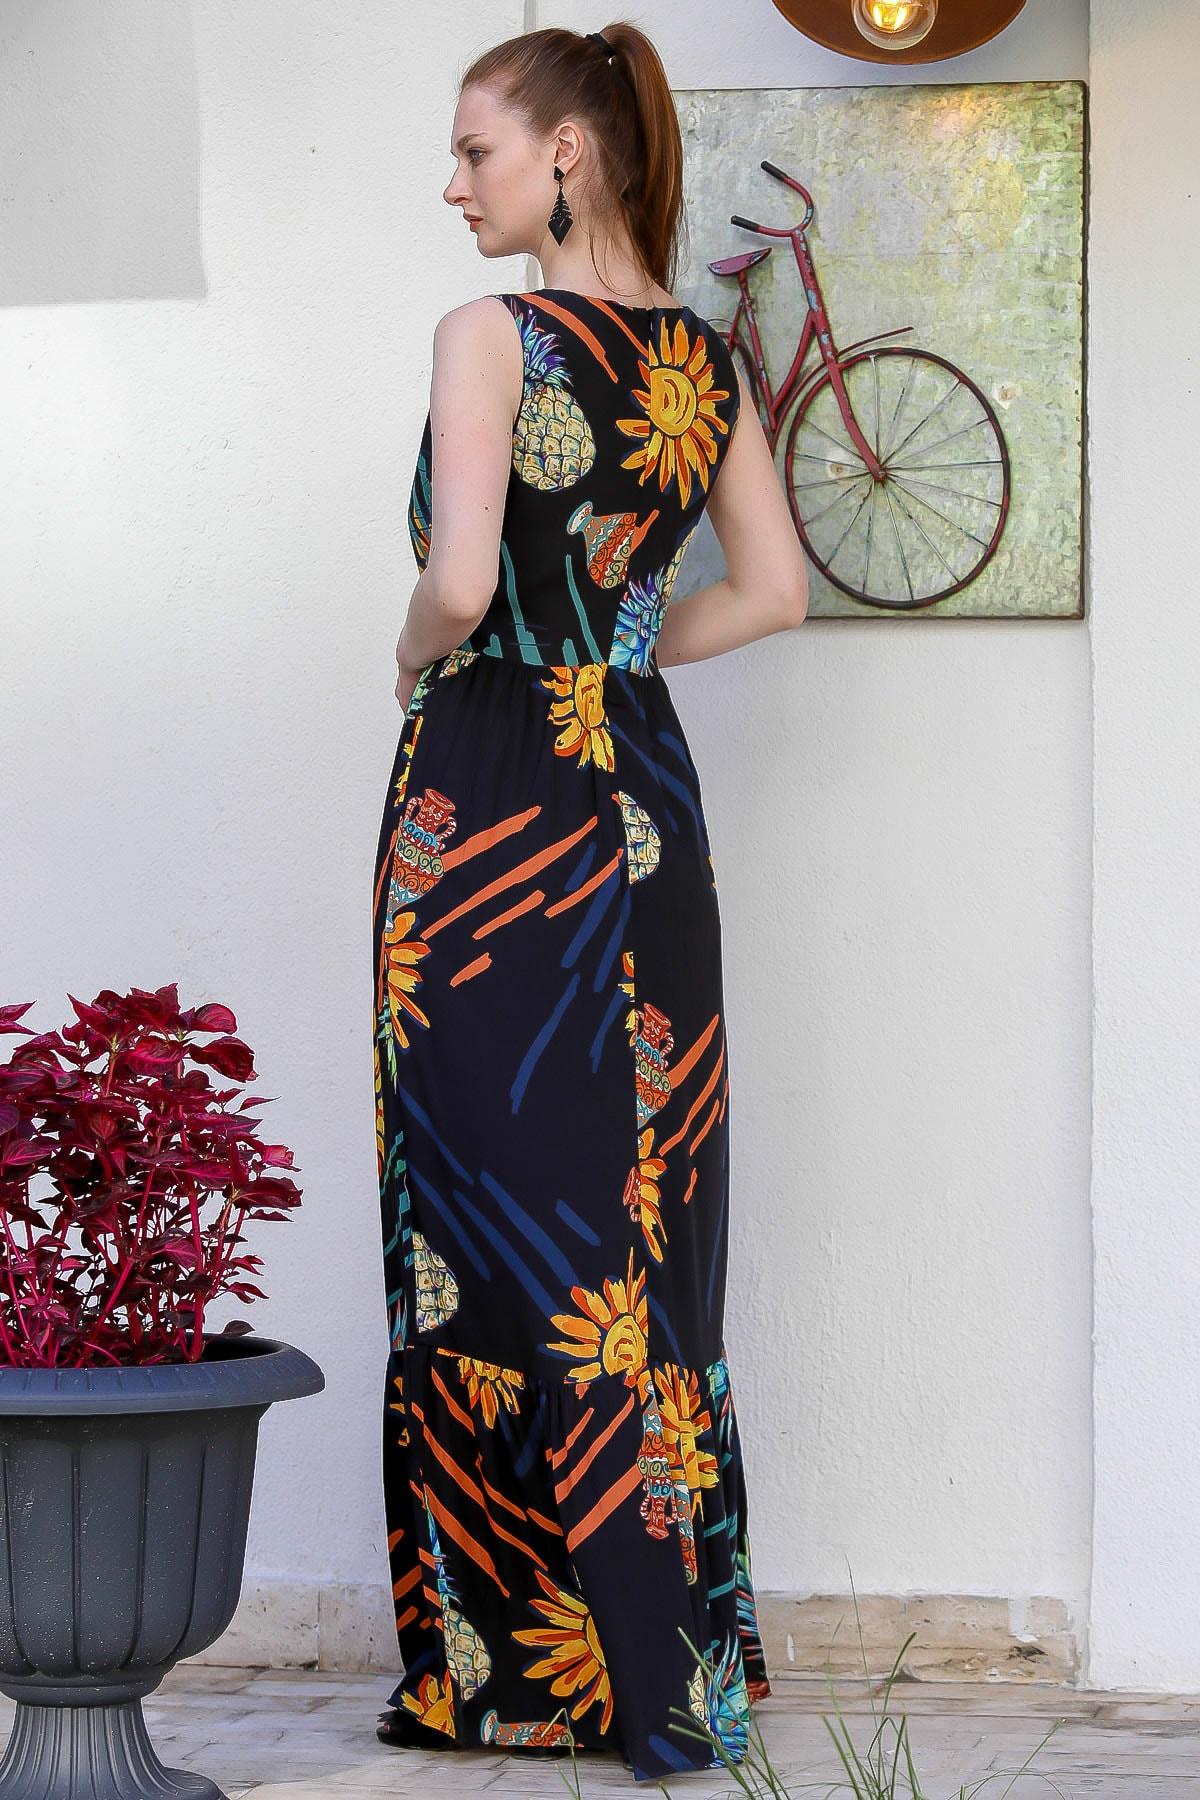 Chiccy Kadın Siyah Sıfır Yaka Ananas Desenli Astarlı Fermuarlı Dokuma Uzun Elbise M10160000El94772 4